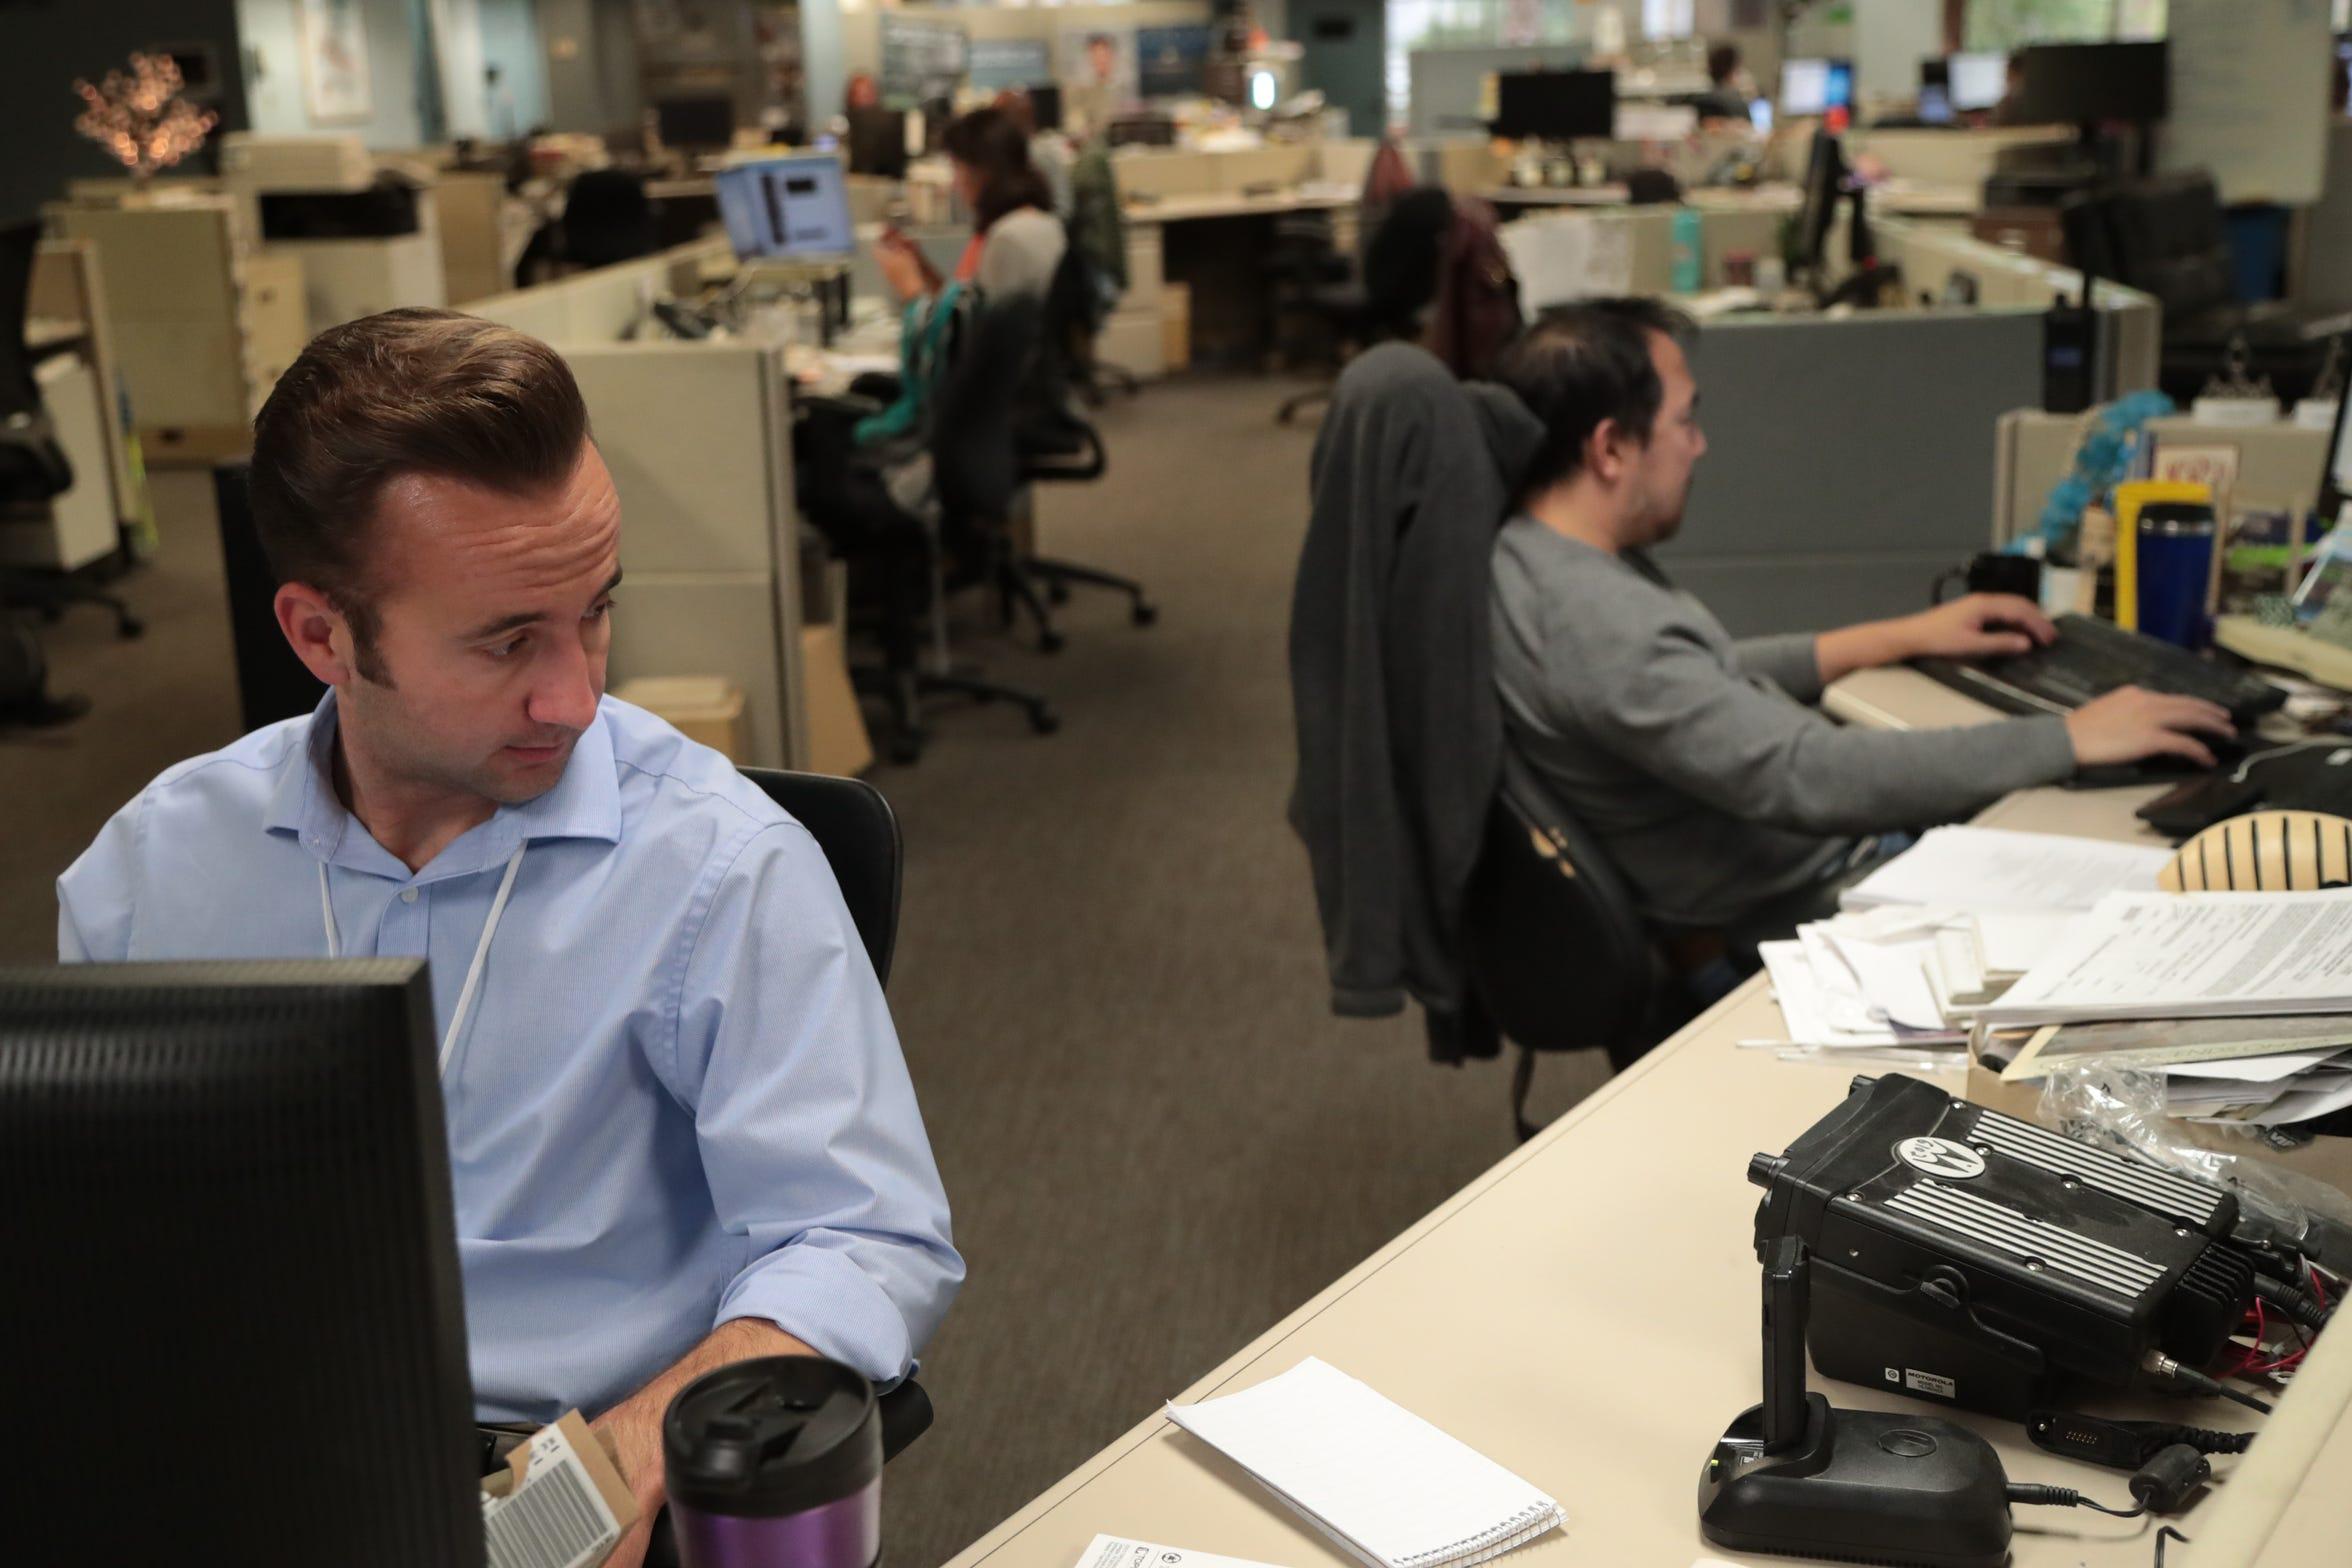 Reporter Shane Newell listens to the ERICA radio at the Desert Sun newsroom's breaking news desk, Wednesday, December 5, 2018.